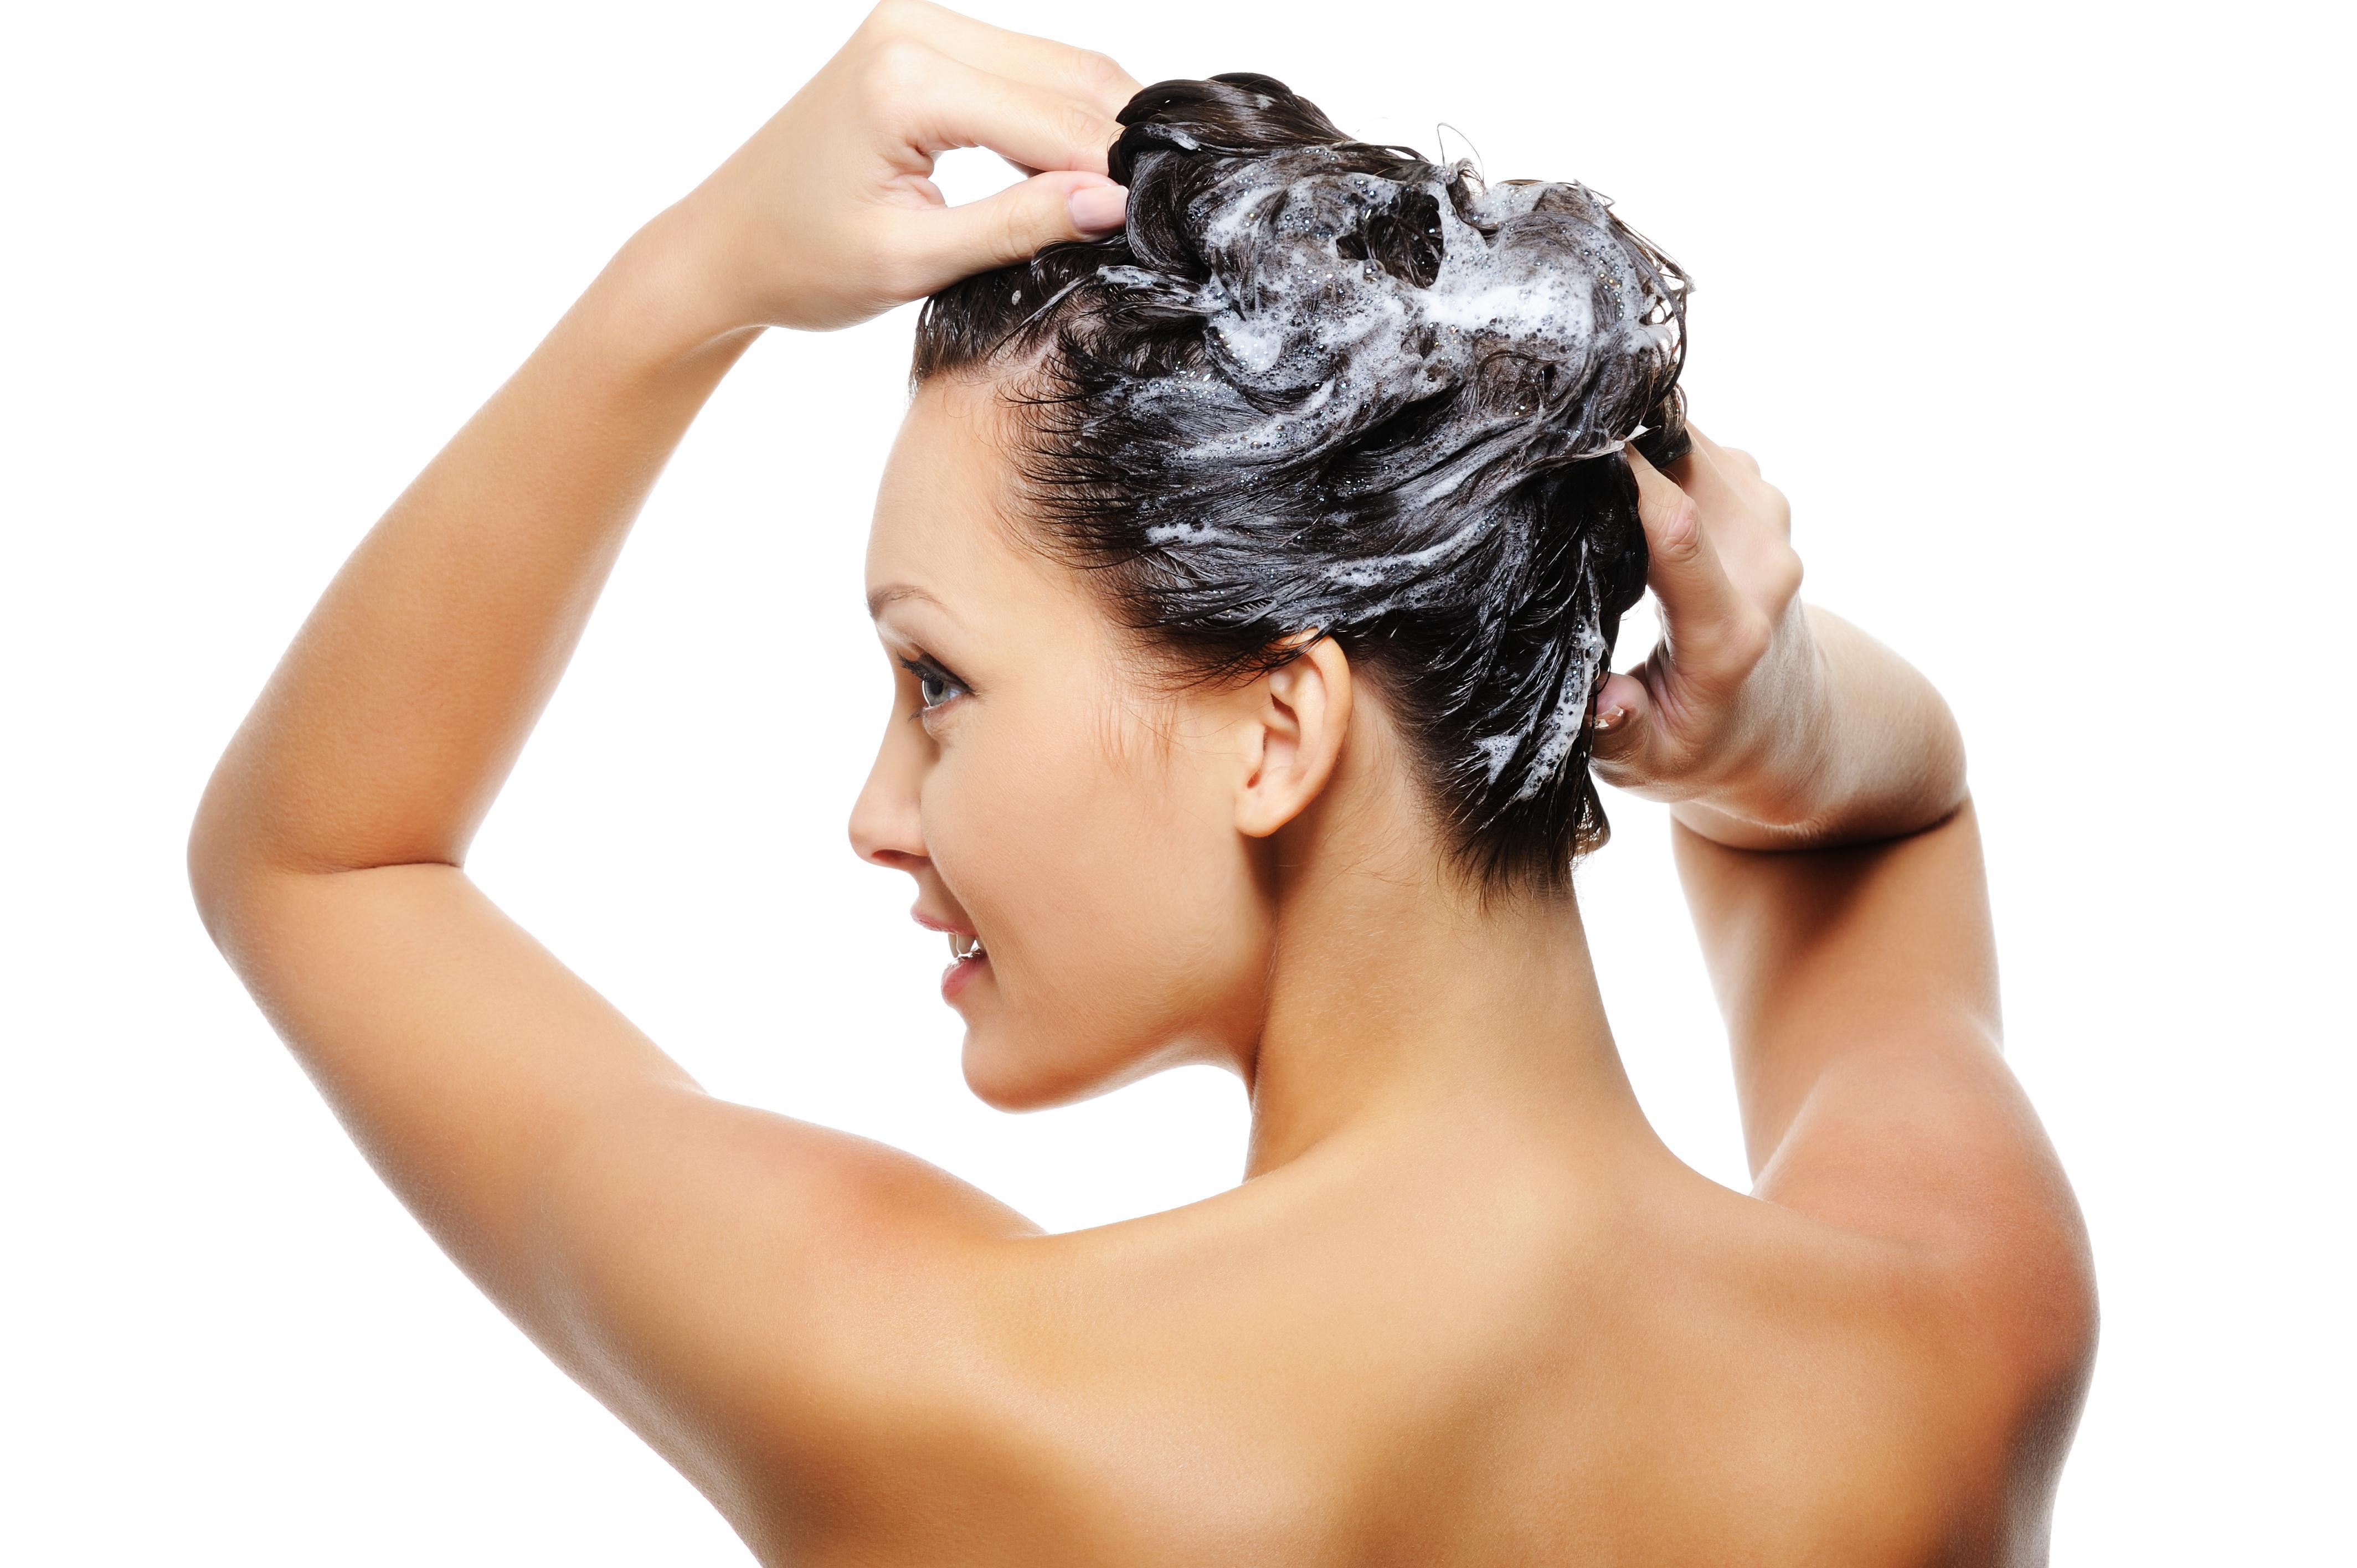 Shampoo Para Seborreia – Shampoos Caseiros Contra a Seborreia